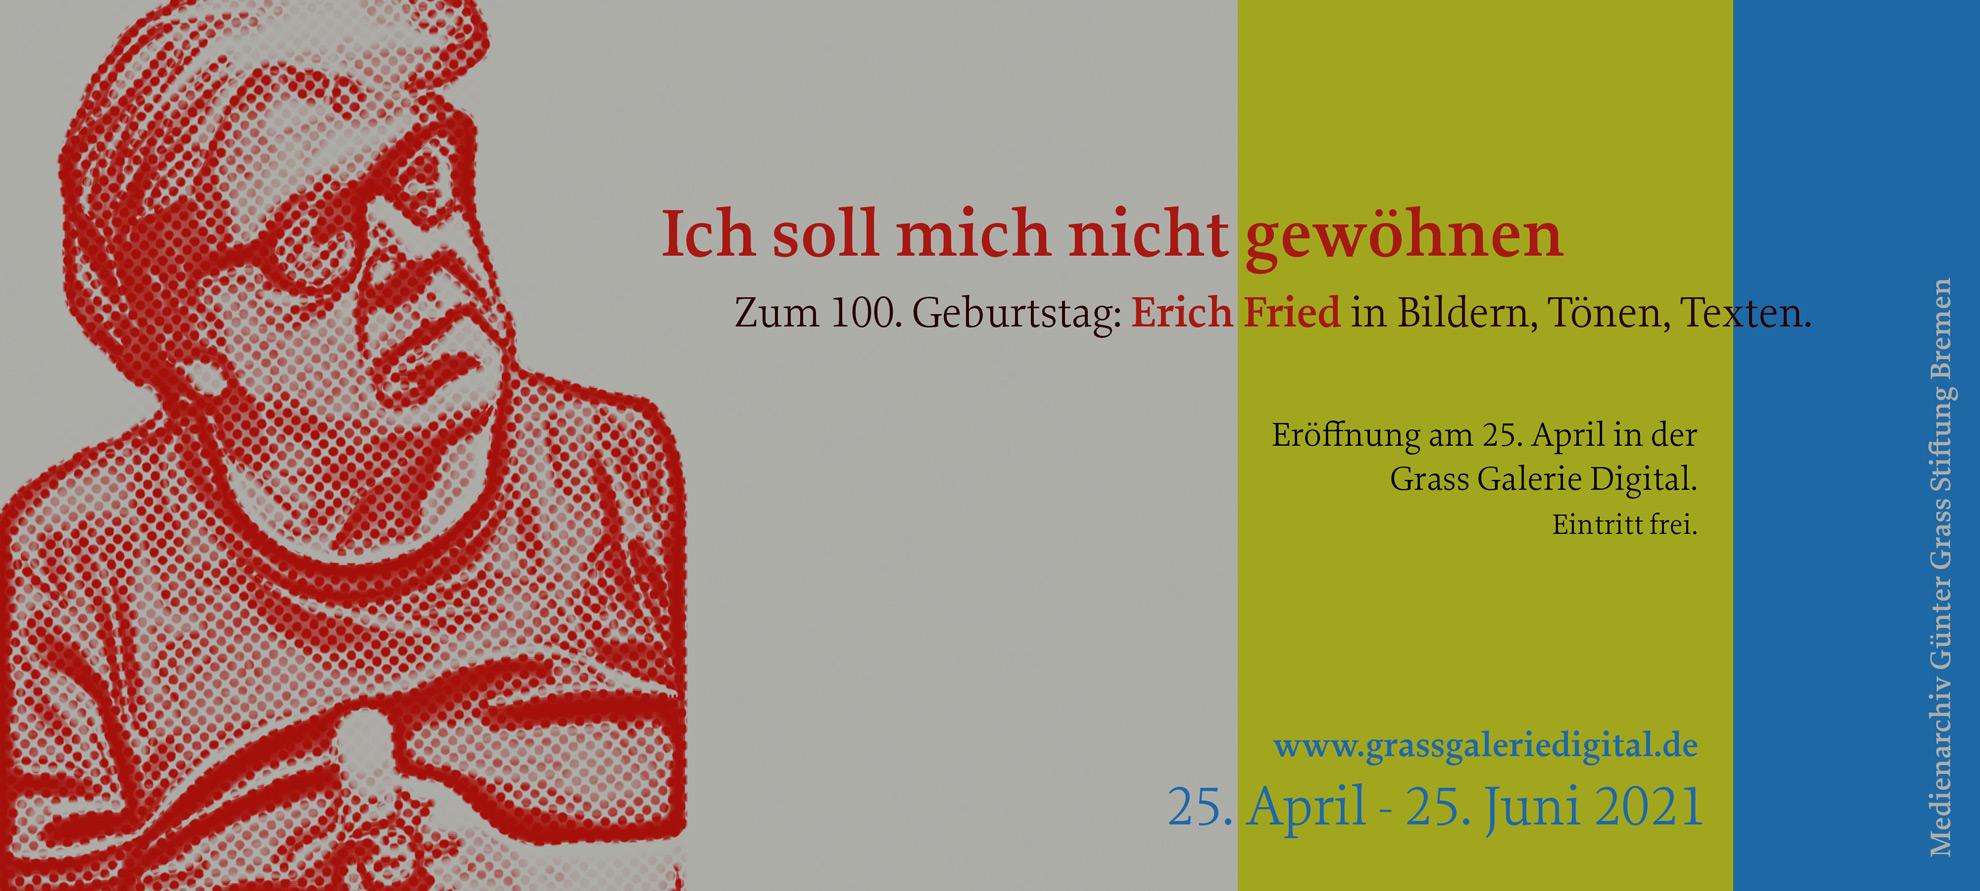 Banner zur Erich Fried-Ausstellung in der Grass Galerie Digital. Zum 100. Geburtstag: Erich Fried in Bildern, Tönen, Texten. Vom 25.04. bis 25.06. in der Grass Galerie Digital. Eintritt frei!